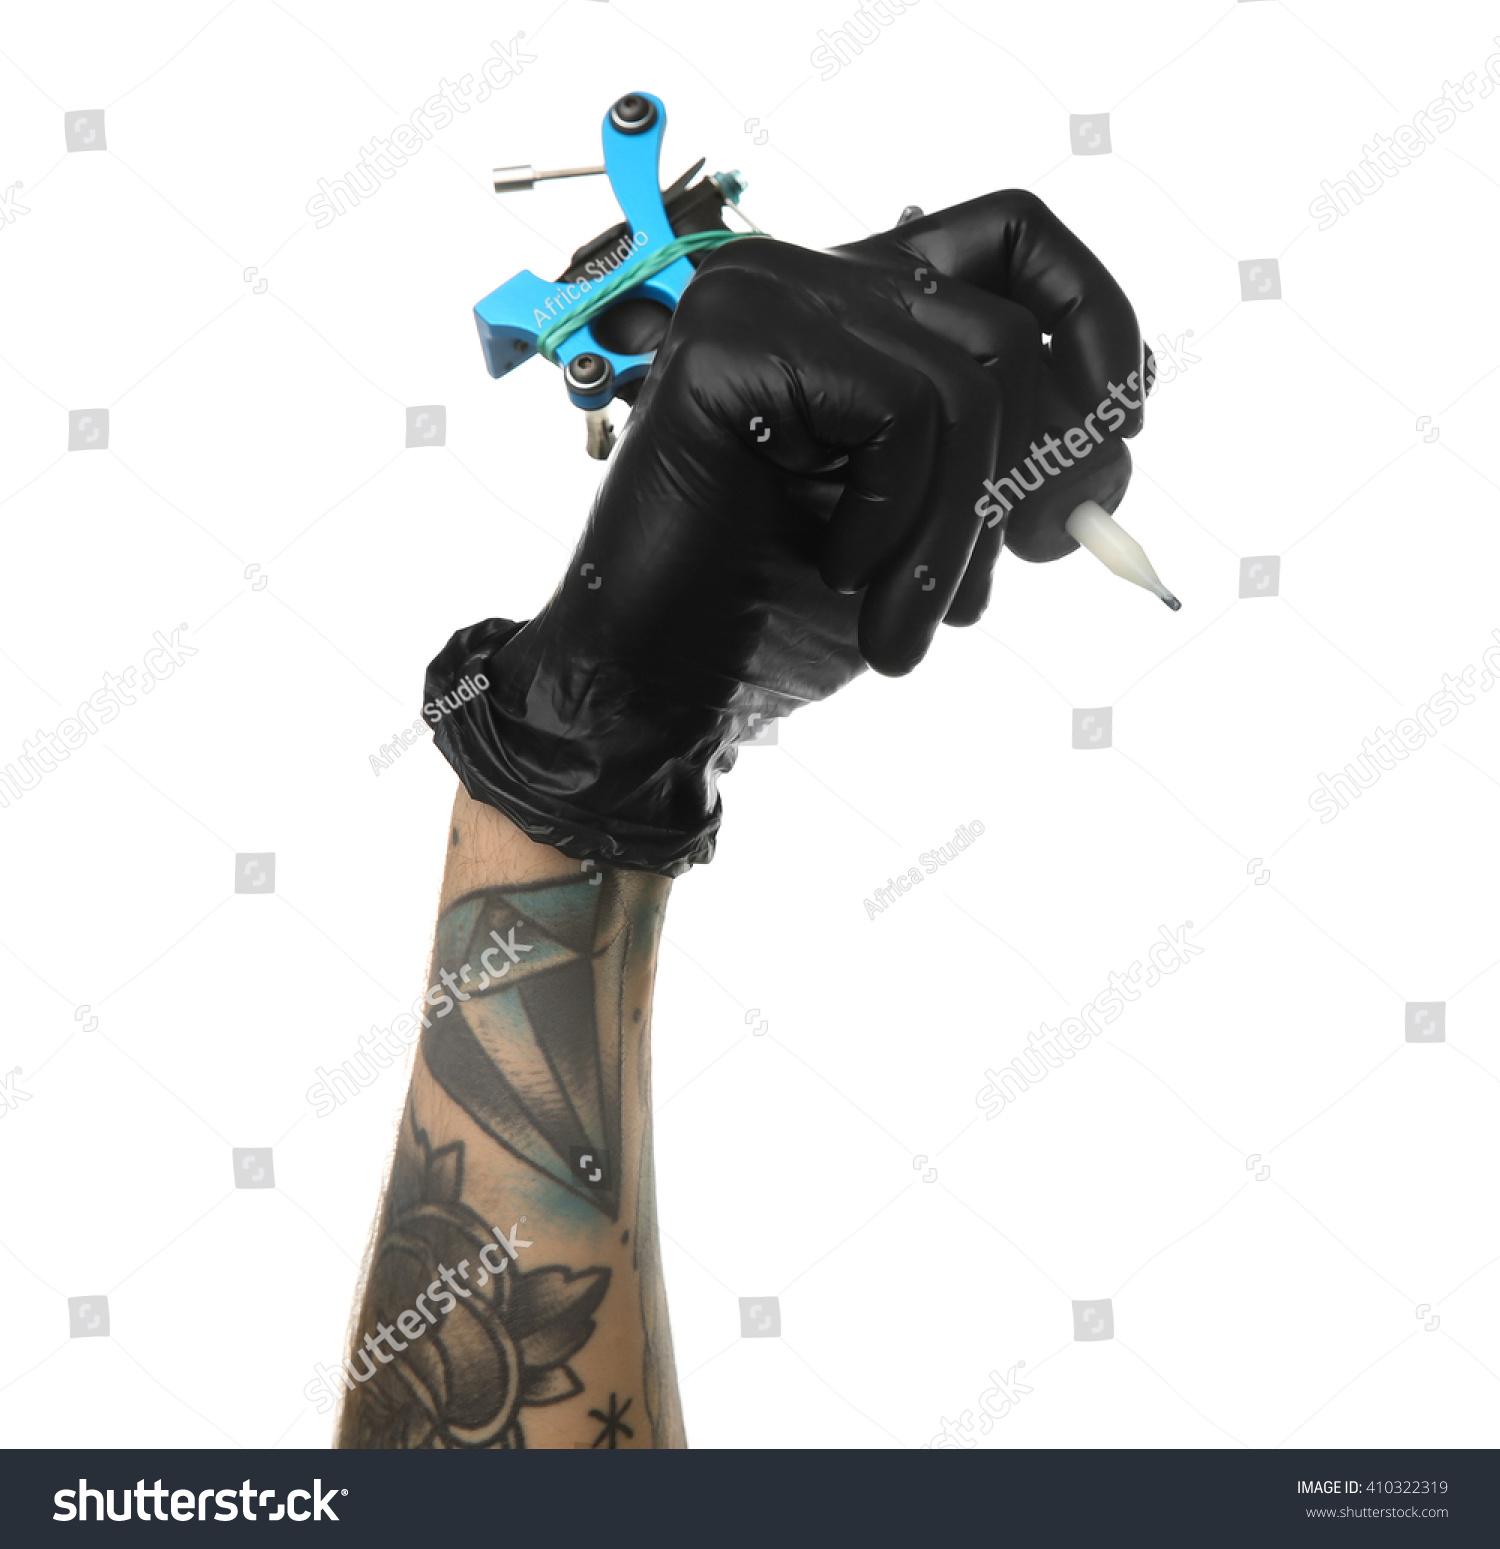 holding machine